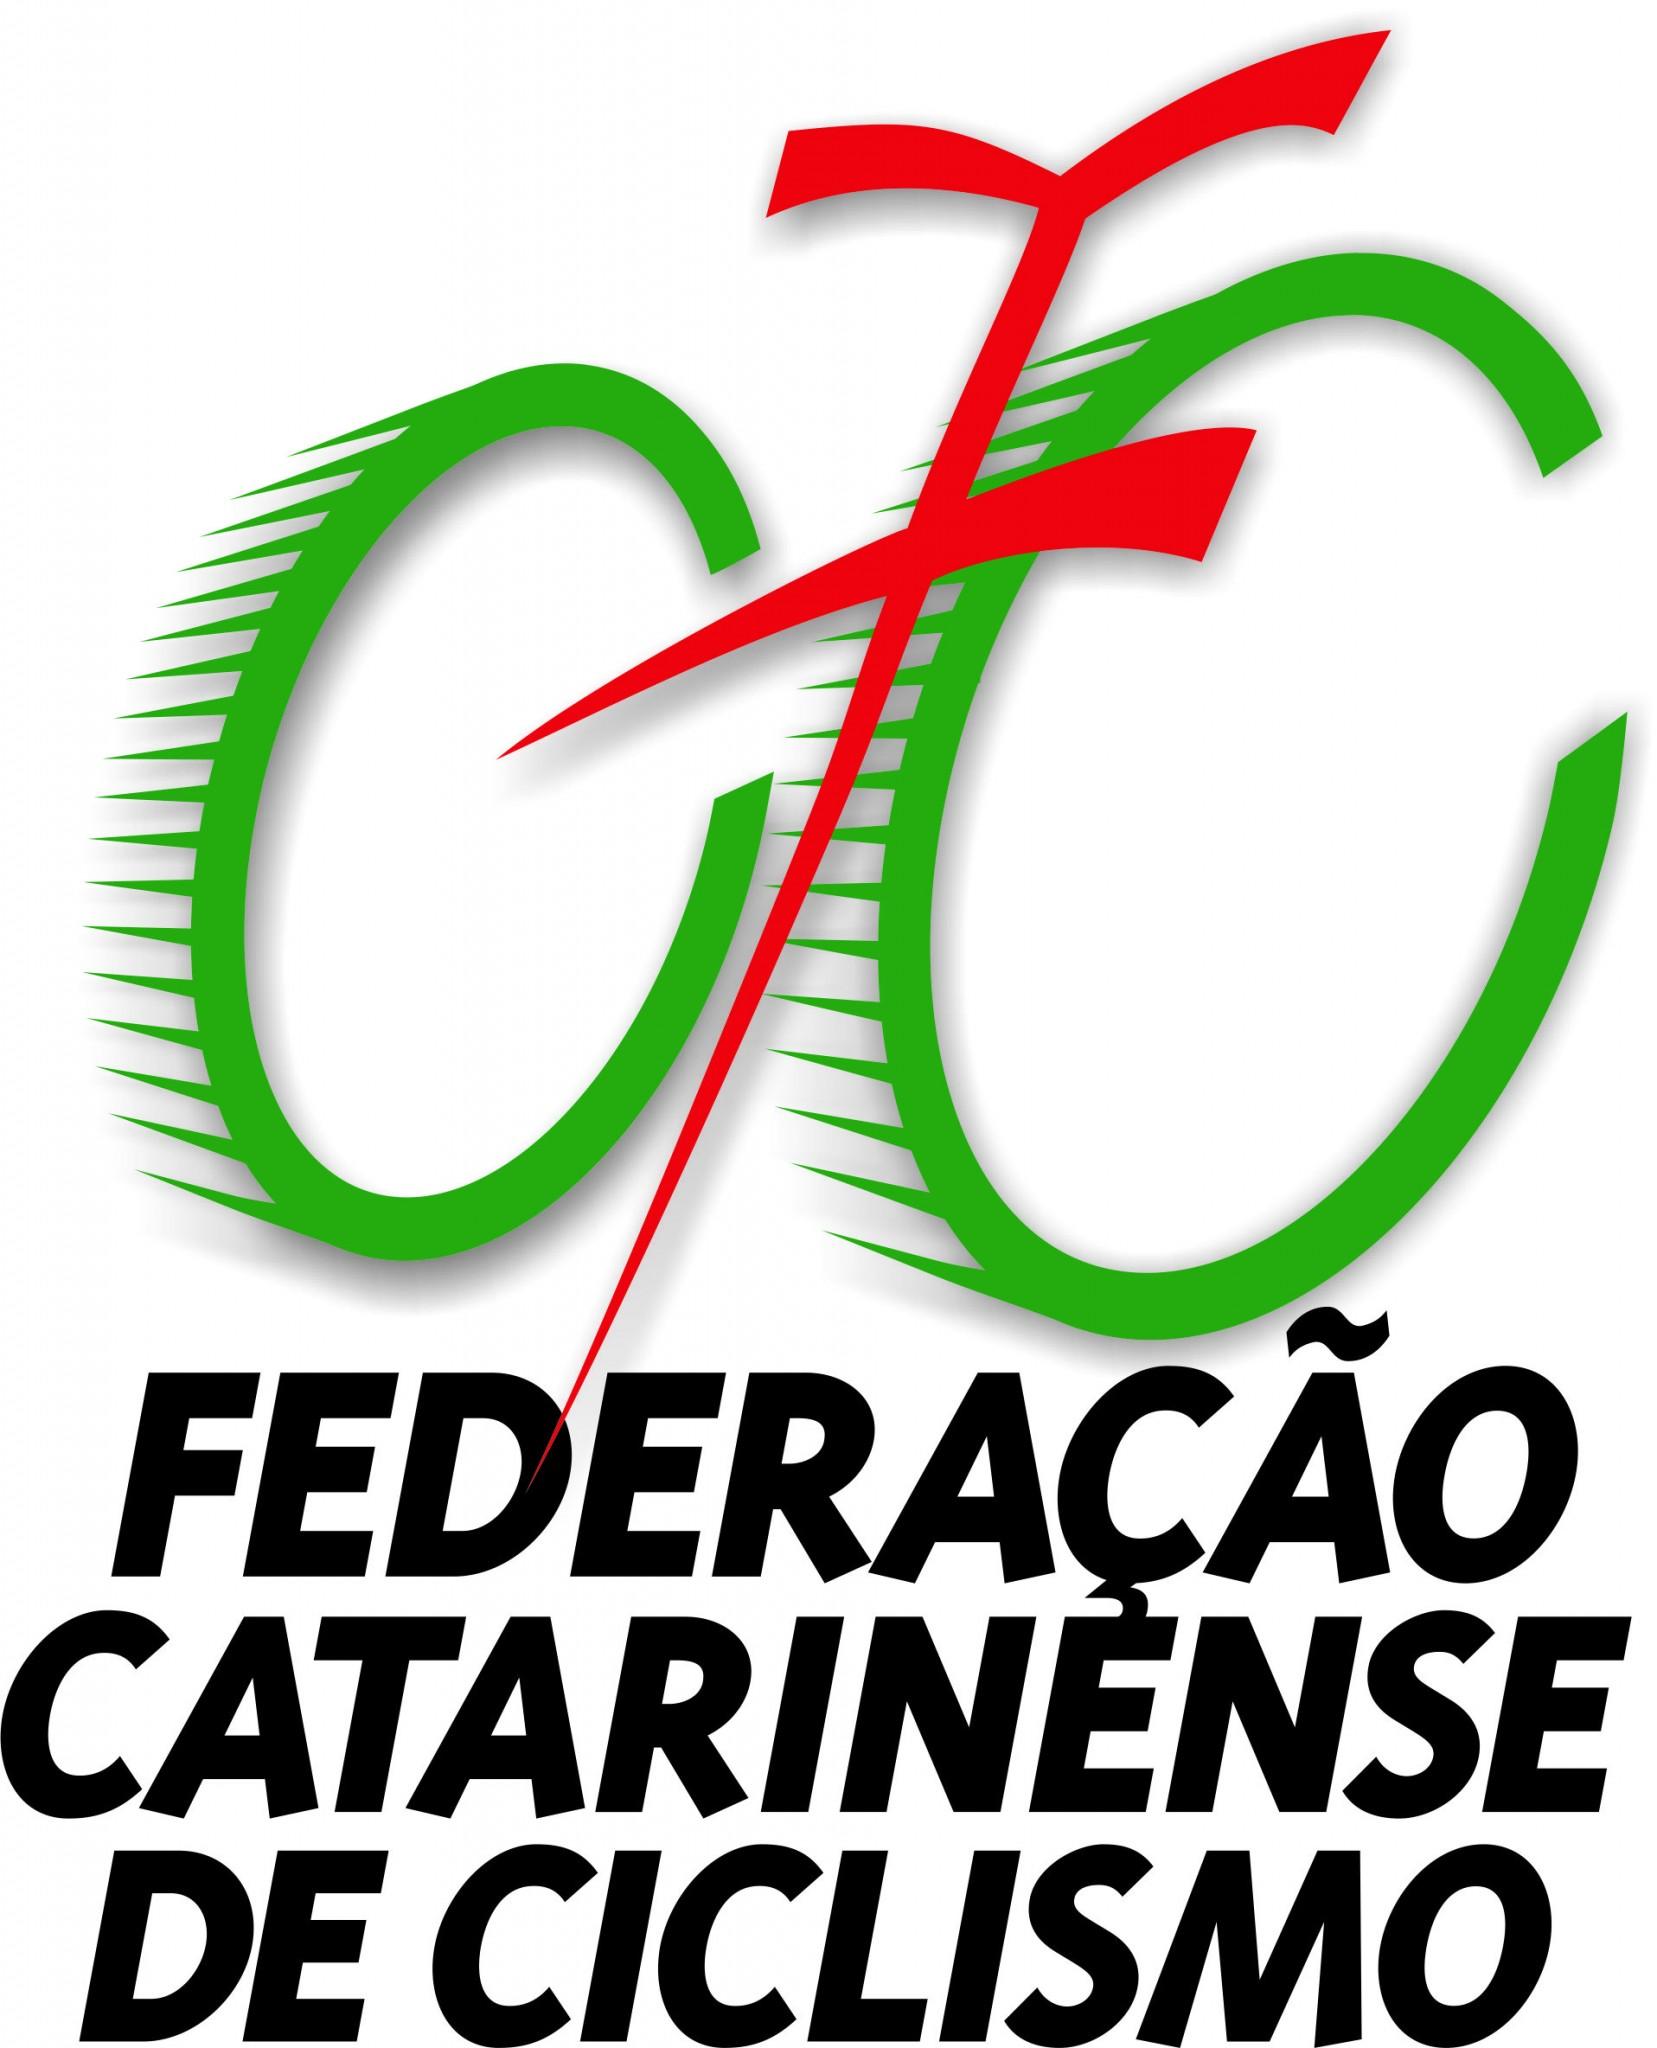 Federação Catarinense de Ciclismo